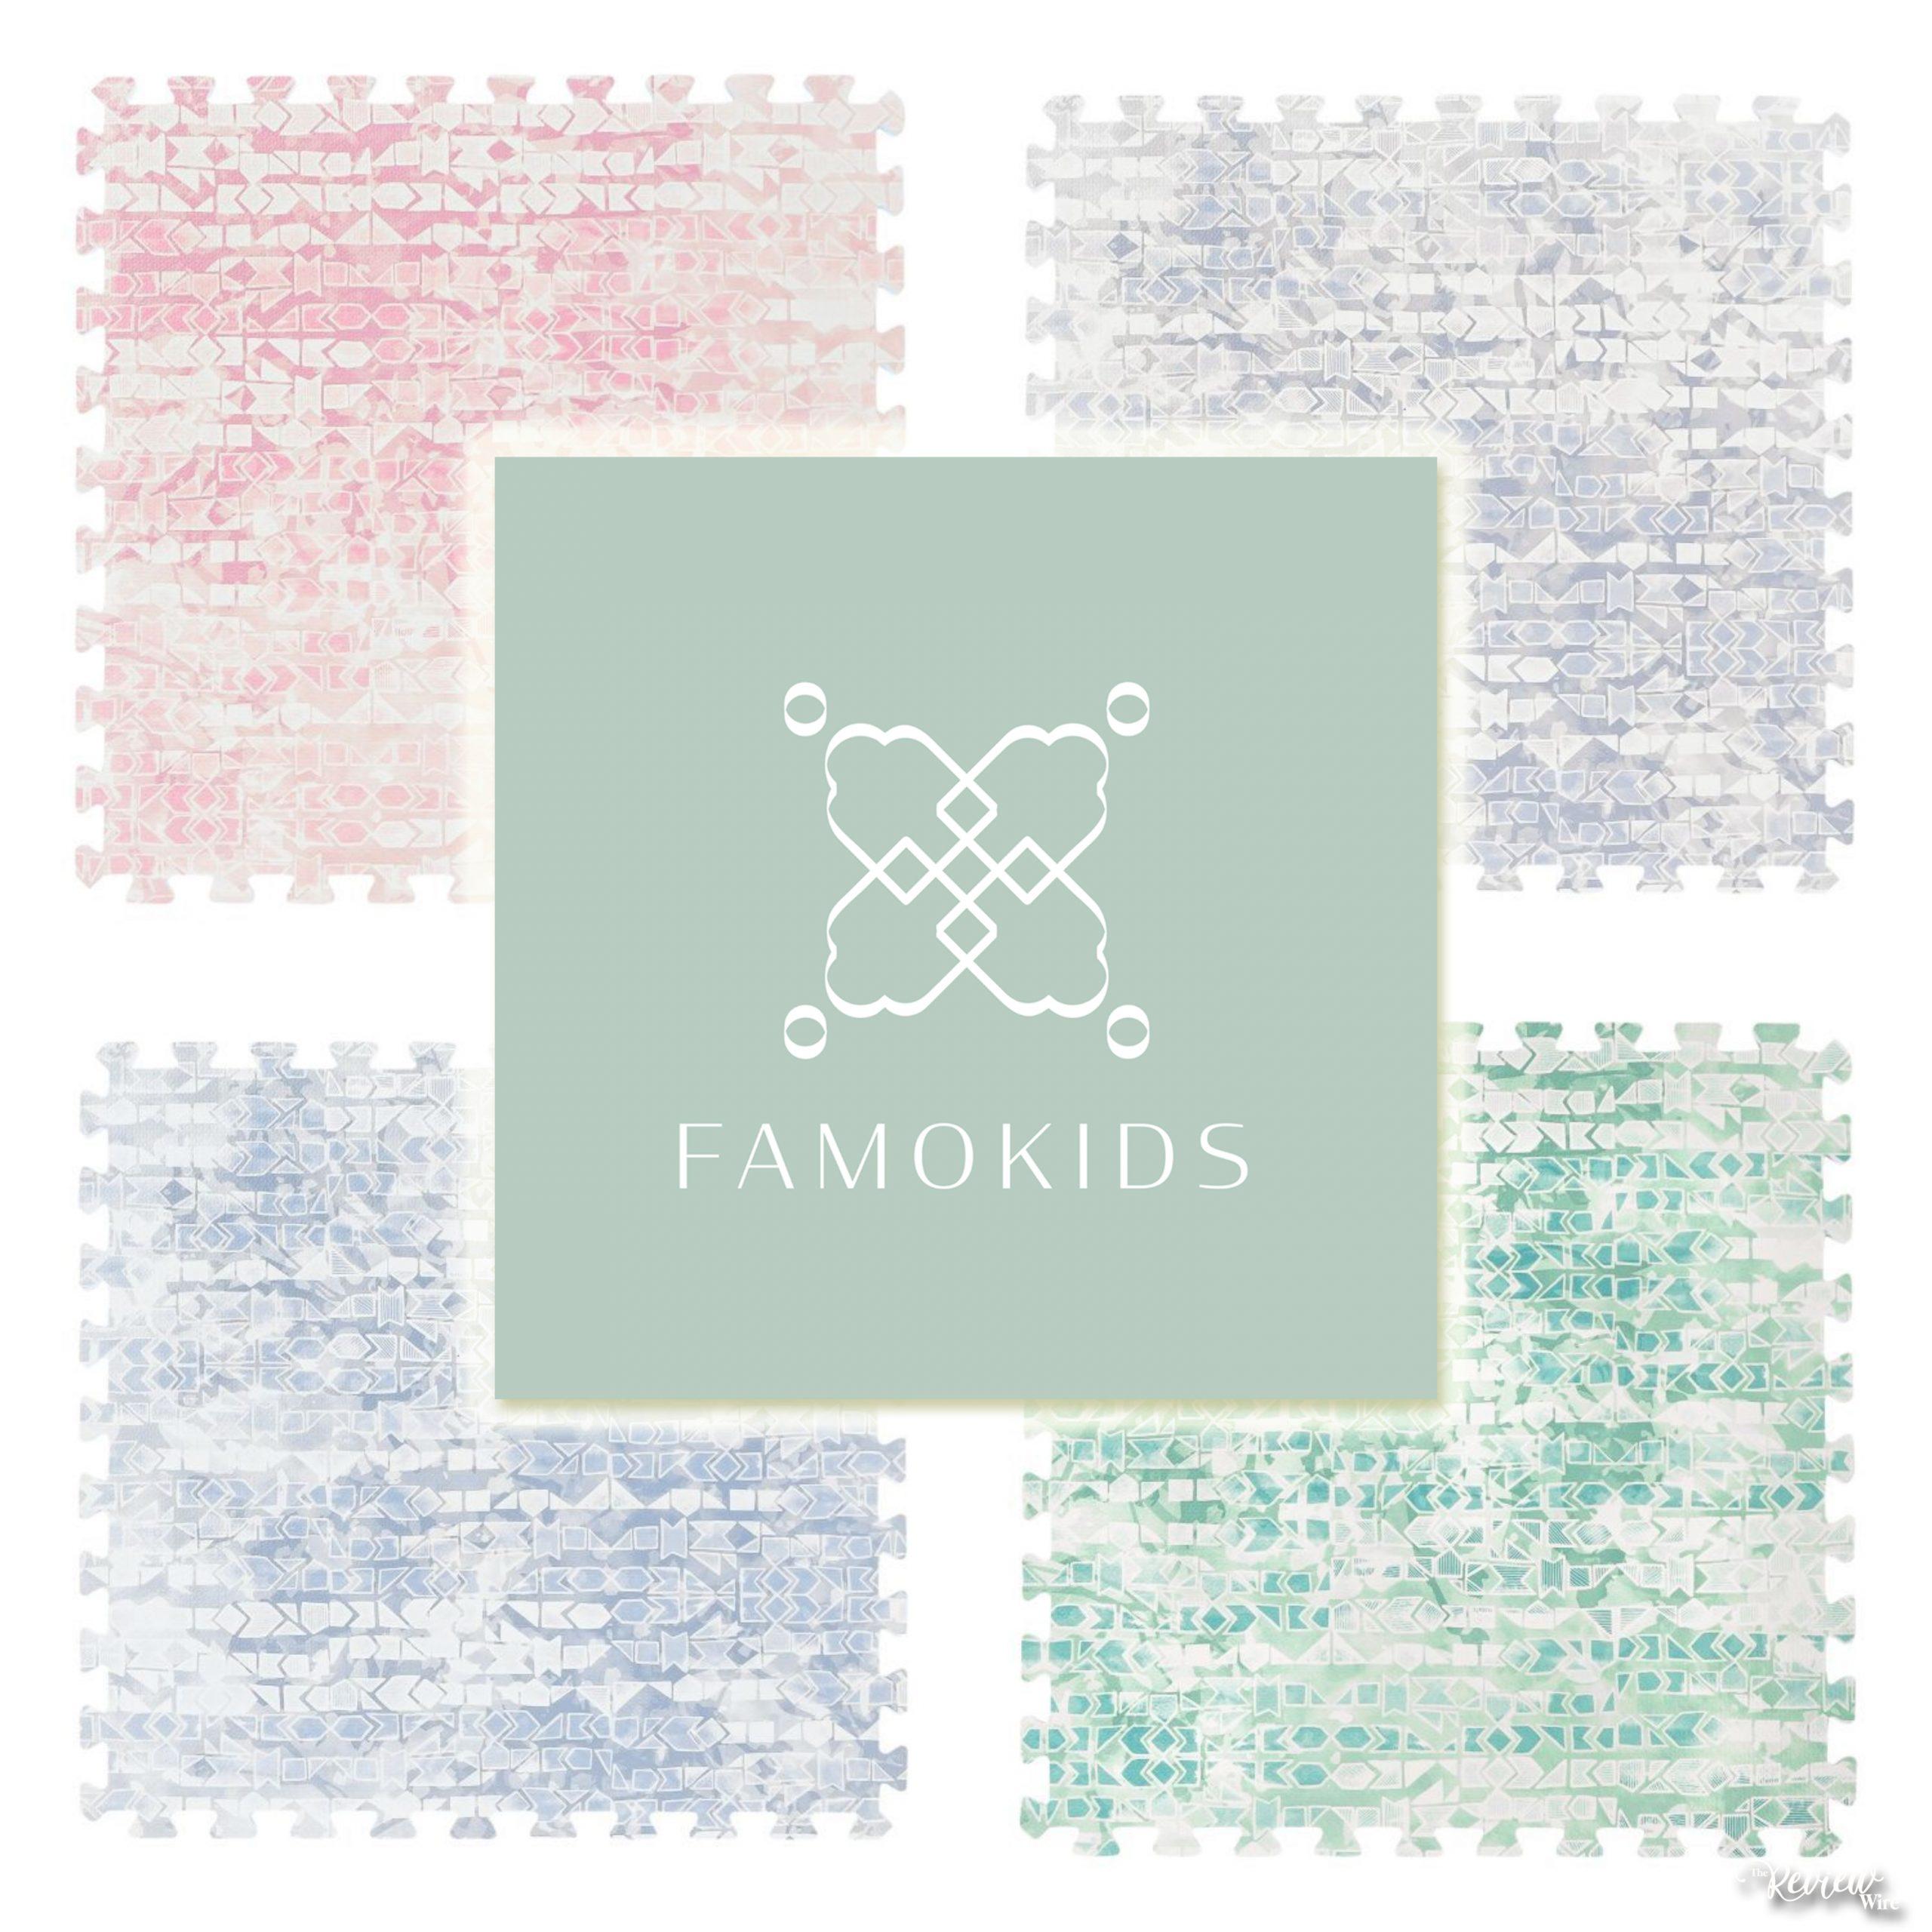 Famokids Mat Colors